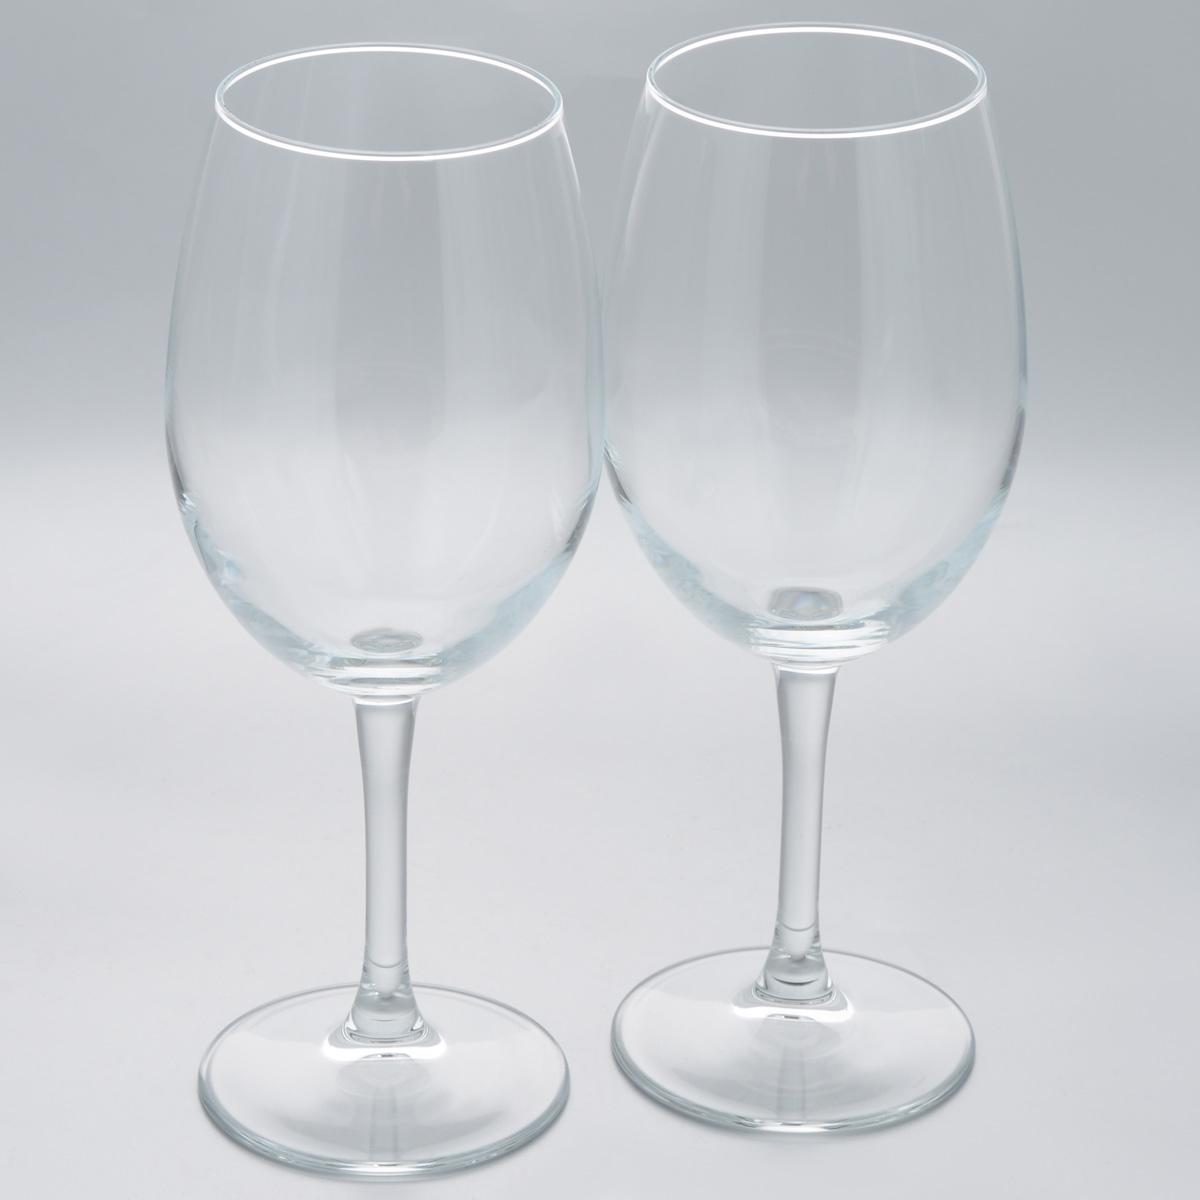 Набор бокалов Pasabahce Classique, 630 мл, 2 шт440153BНабор Pasabahce Classique состоит из двух бокалов, выполненных из прочного натрий-кальций-силикатного стекла.Бокалы предназначены для подачи вина или других напитков. Они сочетают в себеэлегантный дизайн и функциональность.Набор бокалов Pasabahce Classique прекрасно оформит праздничный стол и создаст приятнуюатмосферу за романтическим ужином. Такой набор также станет хорошим подарком к любомуслучаю.Можно мыть в посудомоечной машине. Высота бокала: 24 см. Диаметр бокала (по верхнему краю): 7 см.